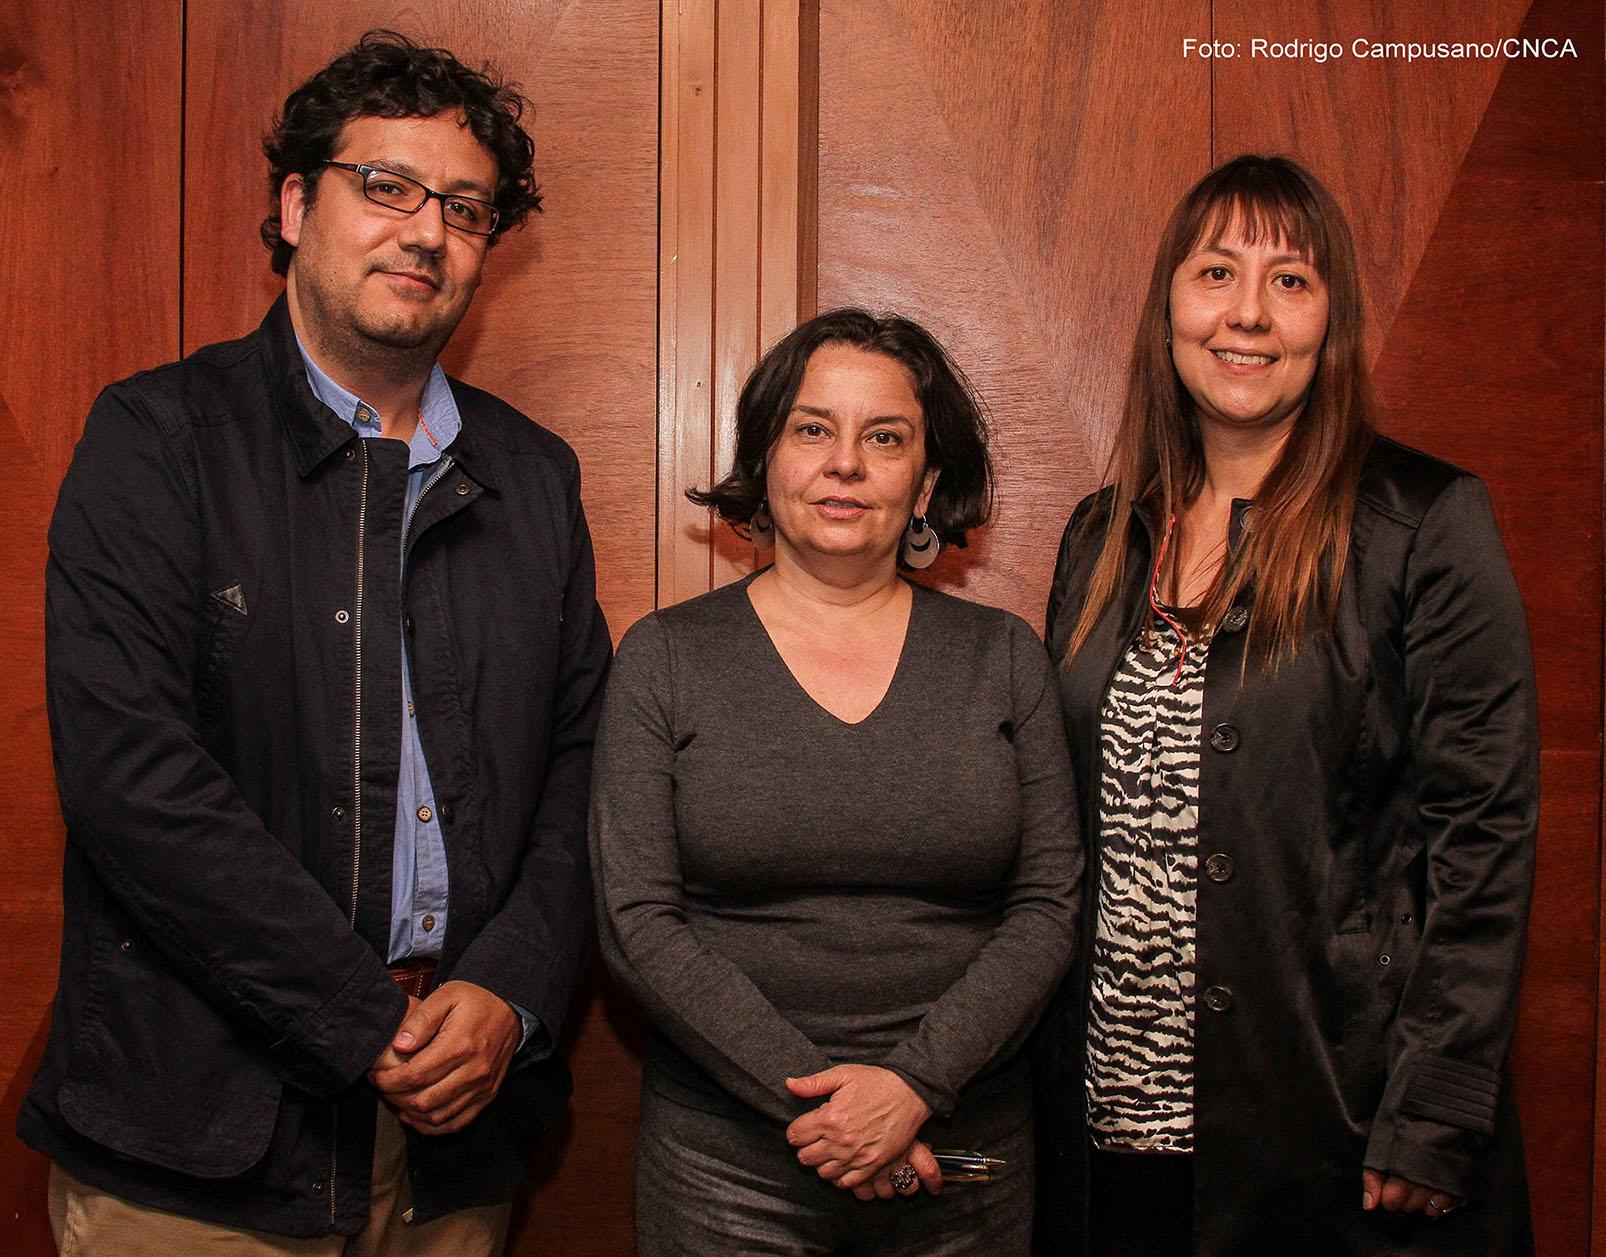 foto con ministra web